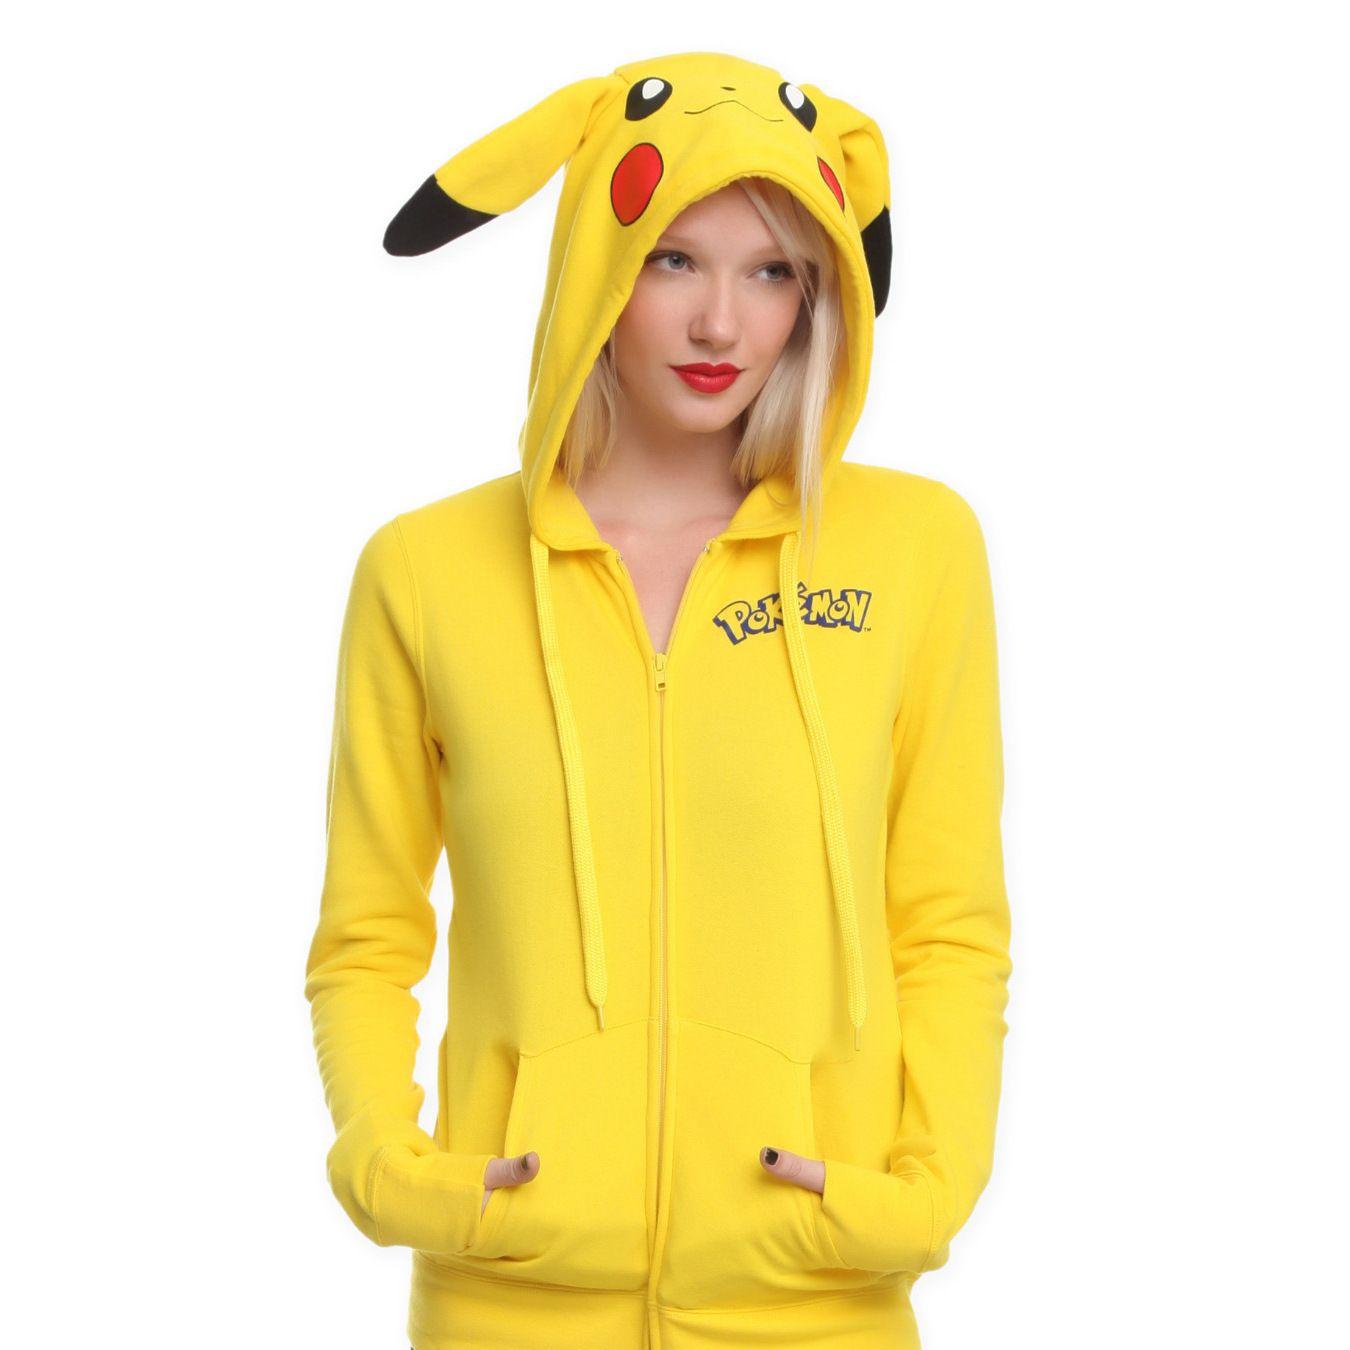 2016 Hoodies Pokemon Sudaderas Mujer Nouveau Pokemon Visage Pikachu Totoro Impression Costume Queue Zip Sweat À Capuche Livraison Gratuite